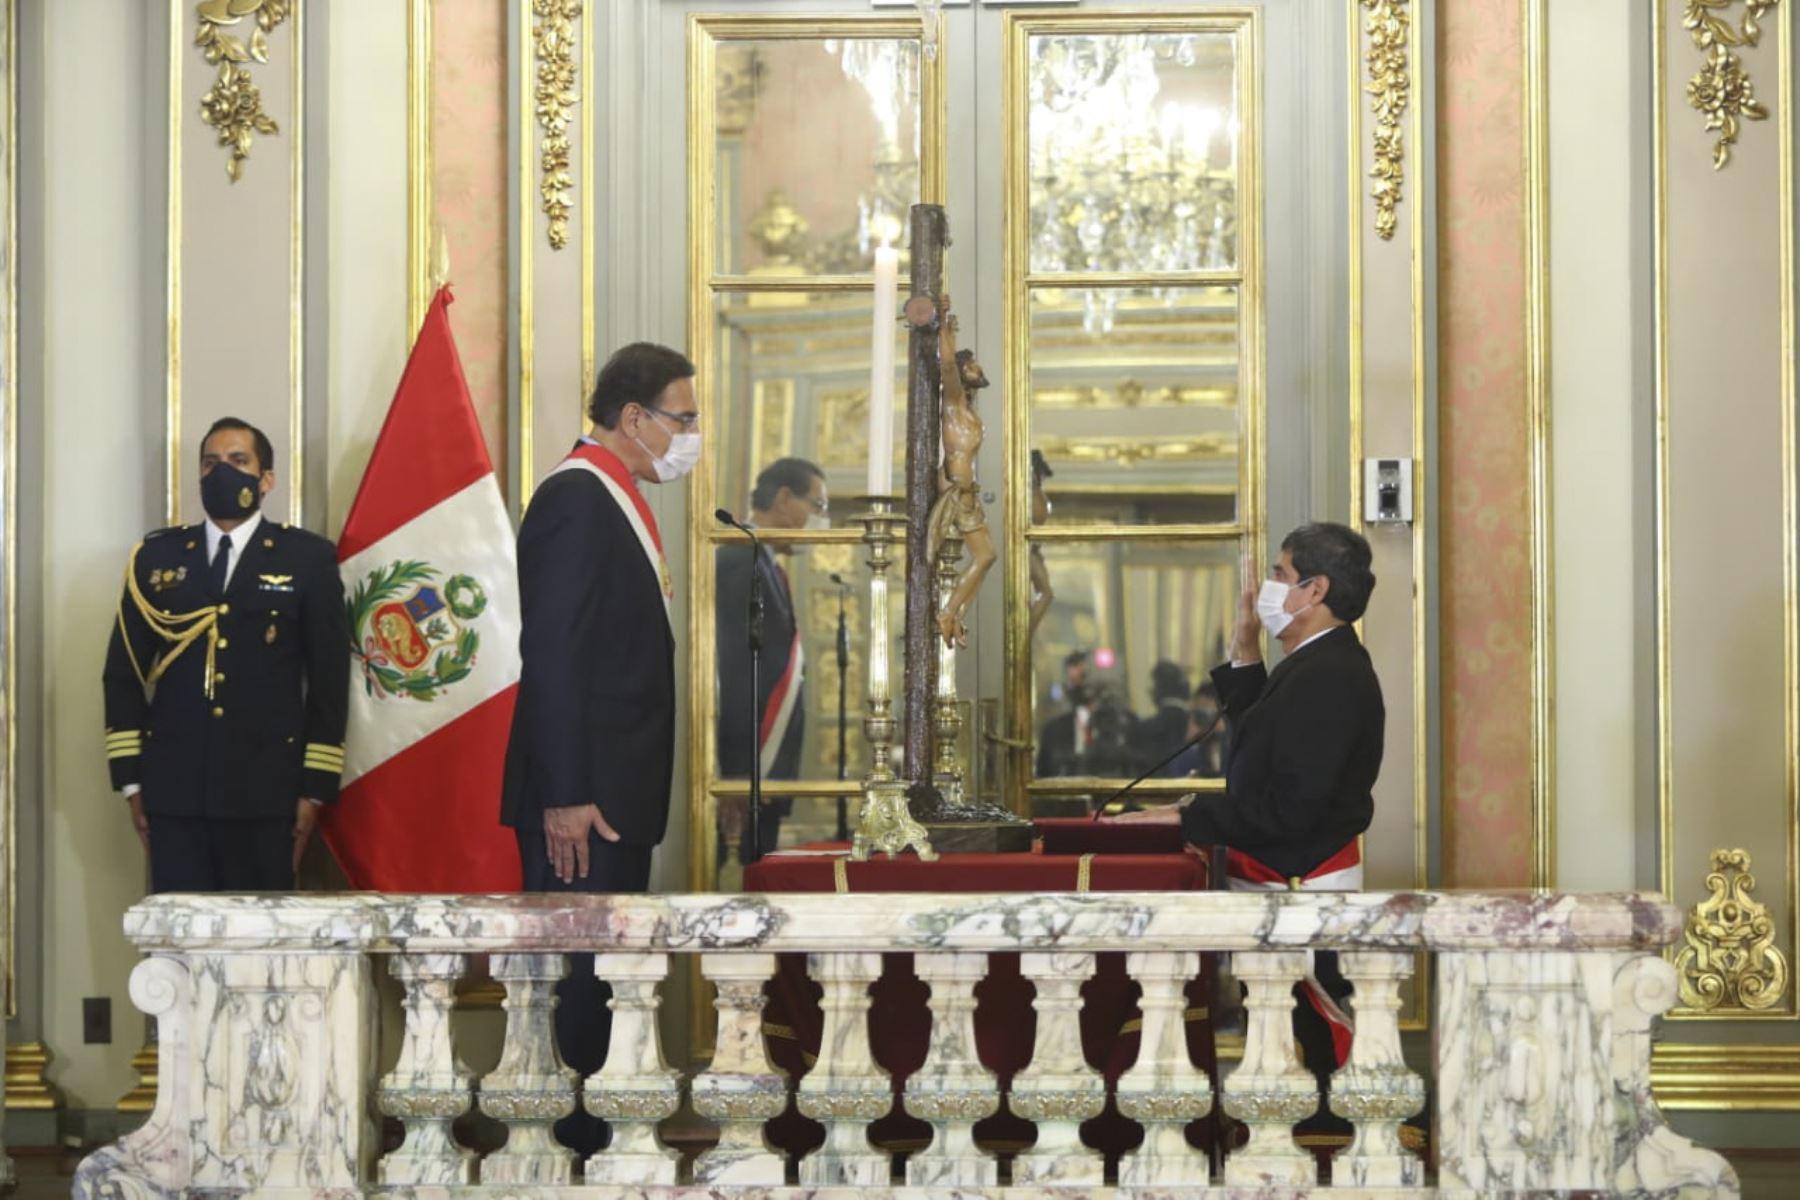 El presidente de la República, Martín Vizcarra, toma juramento a Carlos Lozada Contreras como ministro de de vivienda y construcción. Foto: ANDINA/ Prensa Presidencia